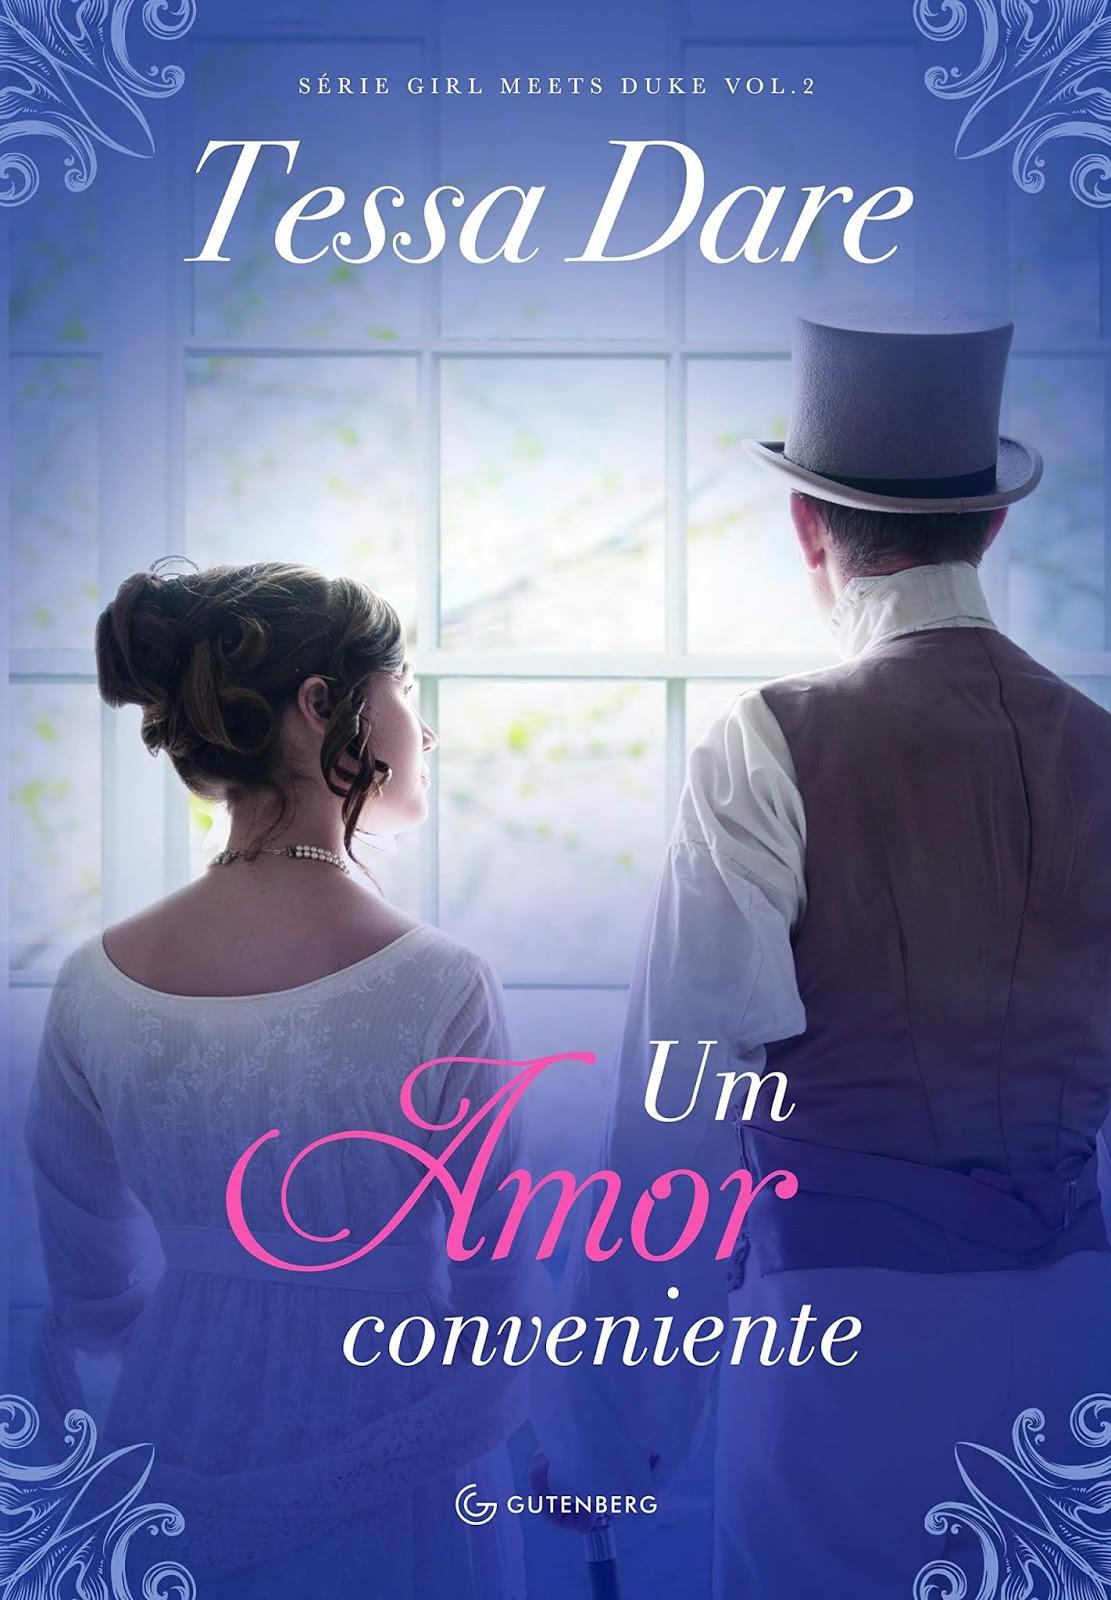 Um Amor Conveniente Serie Girl Meets Duke Livro 2 De Tessa Dare Editoragutenberg Meu Vicio Em Livros